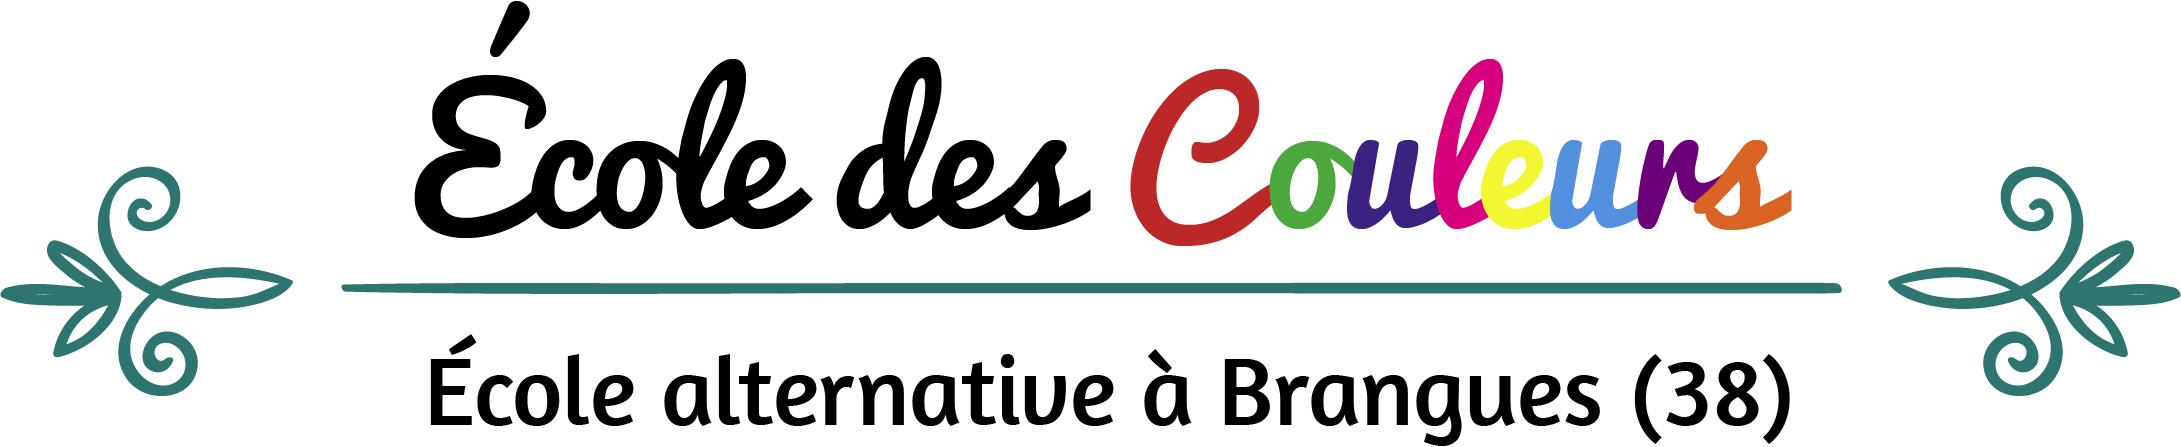 Logo Ecole des couleurs - Ecole alternative à Brangues dans l'Isère